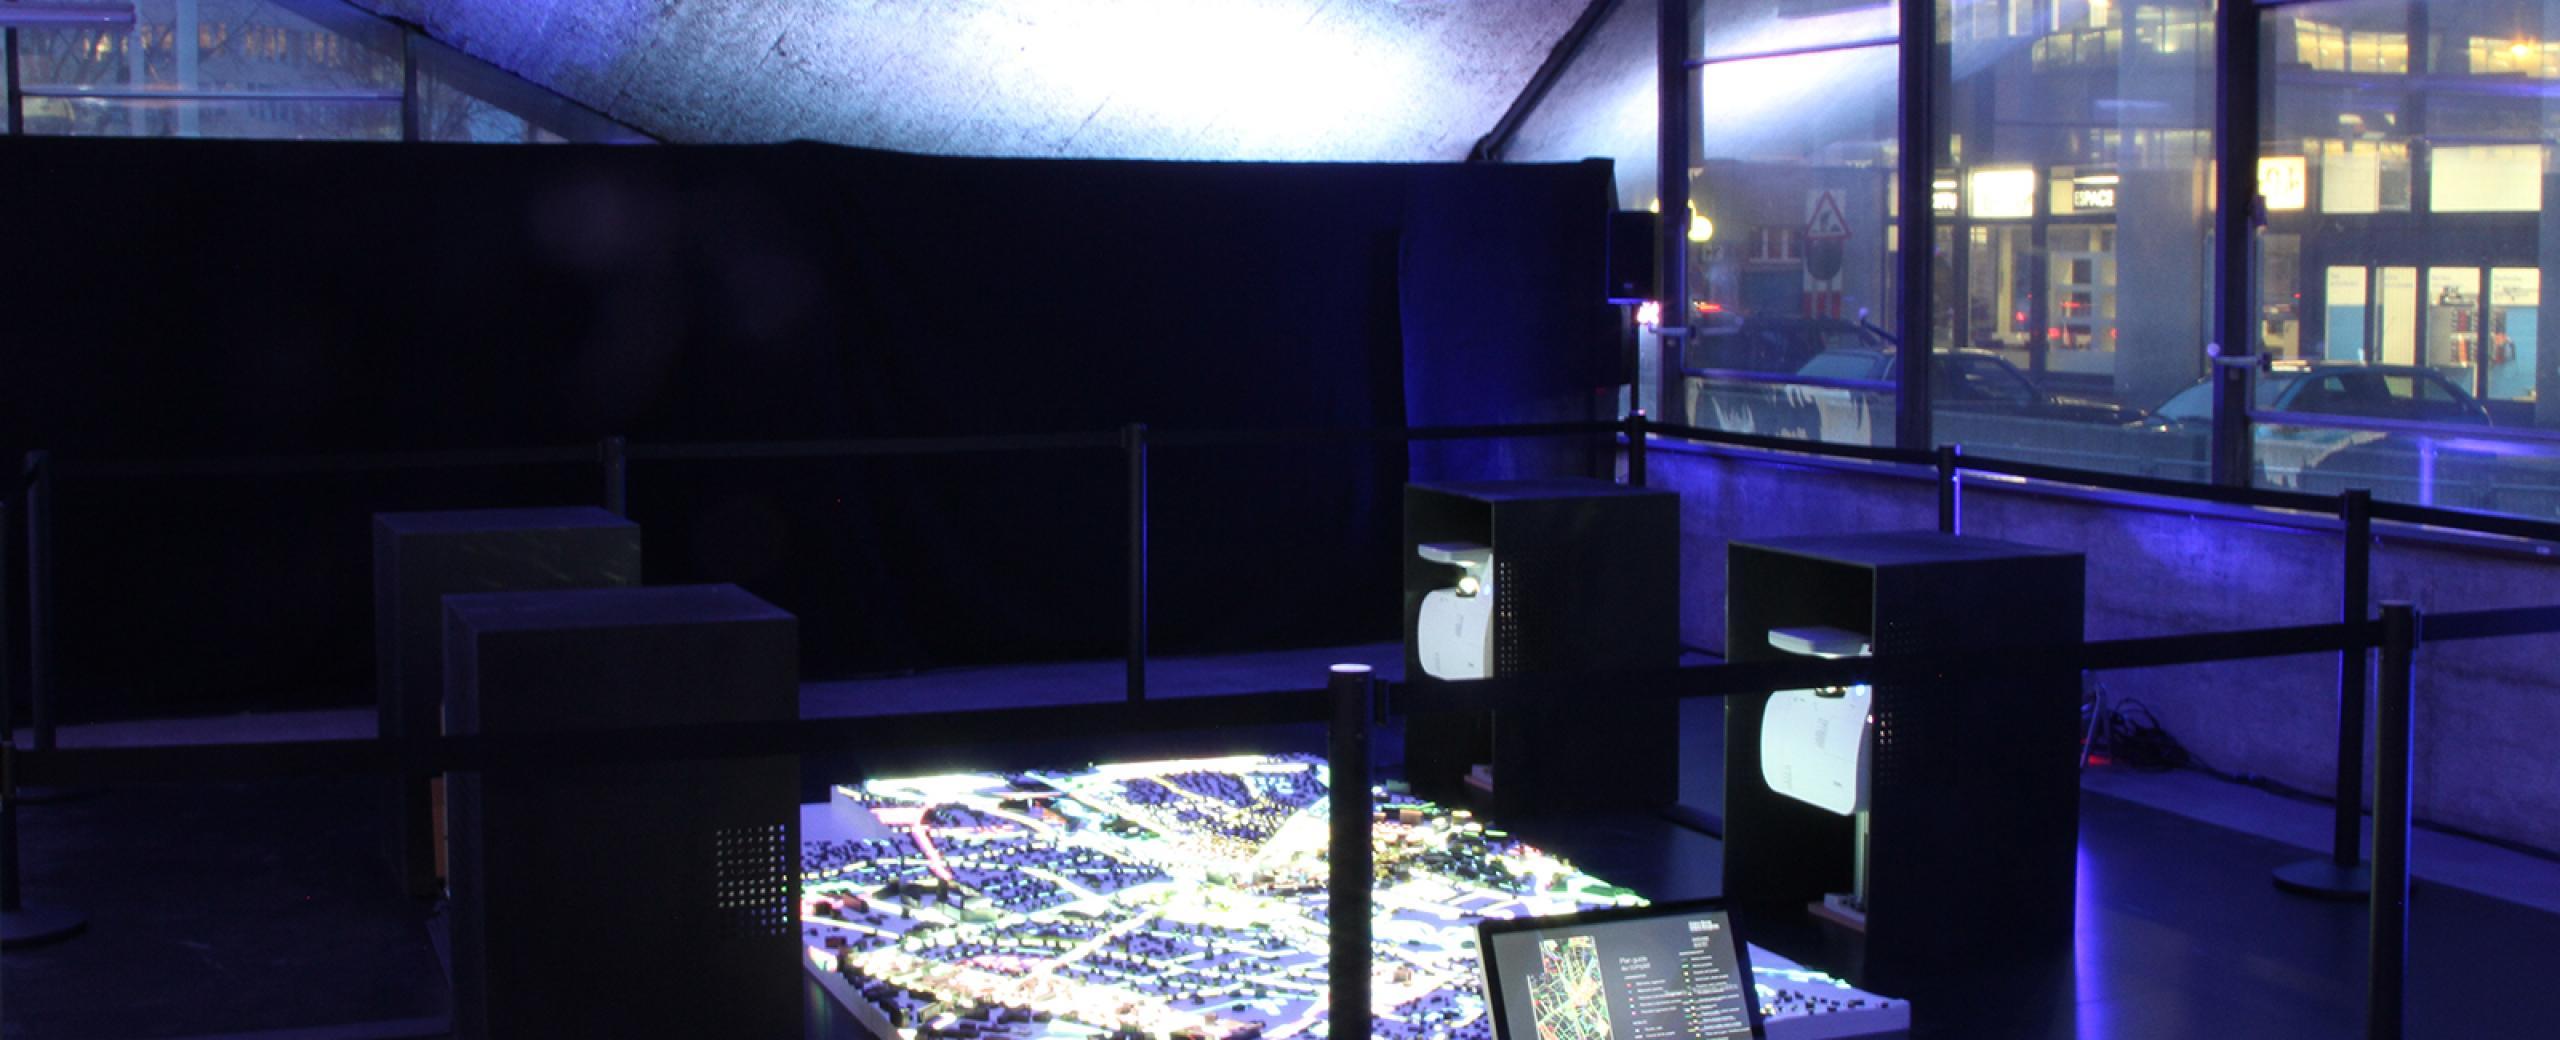 Vidéo-projection de données sur maquette